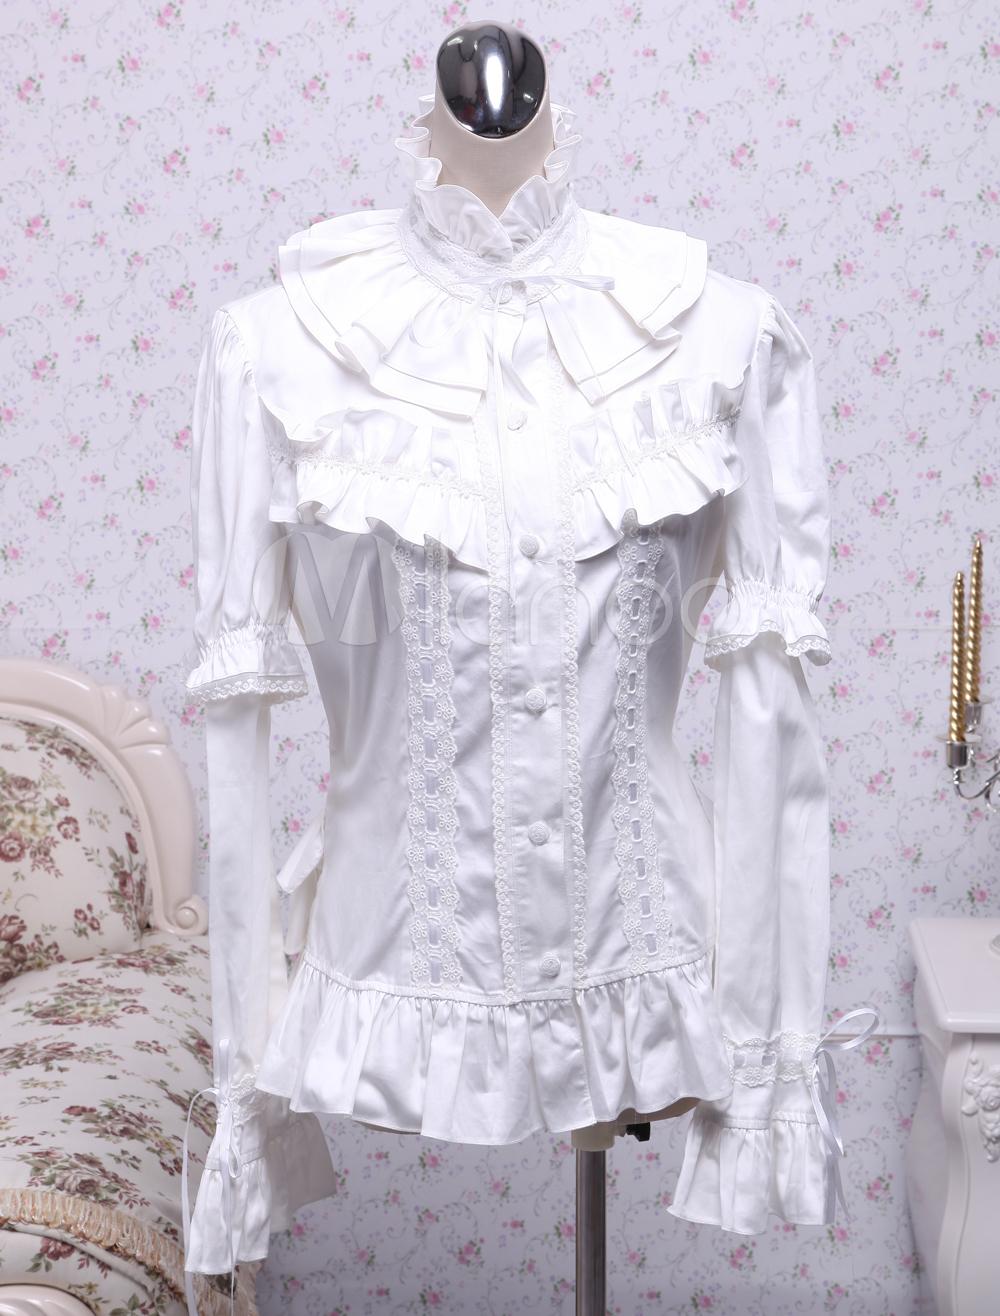 Cotton White Lolita Blouse Long Sleeves Stand Collar Ruffles Waist Belt